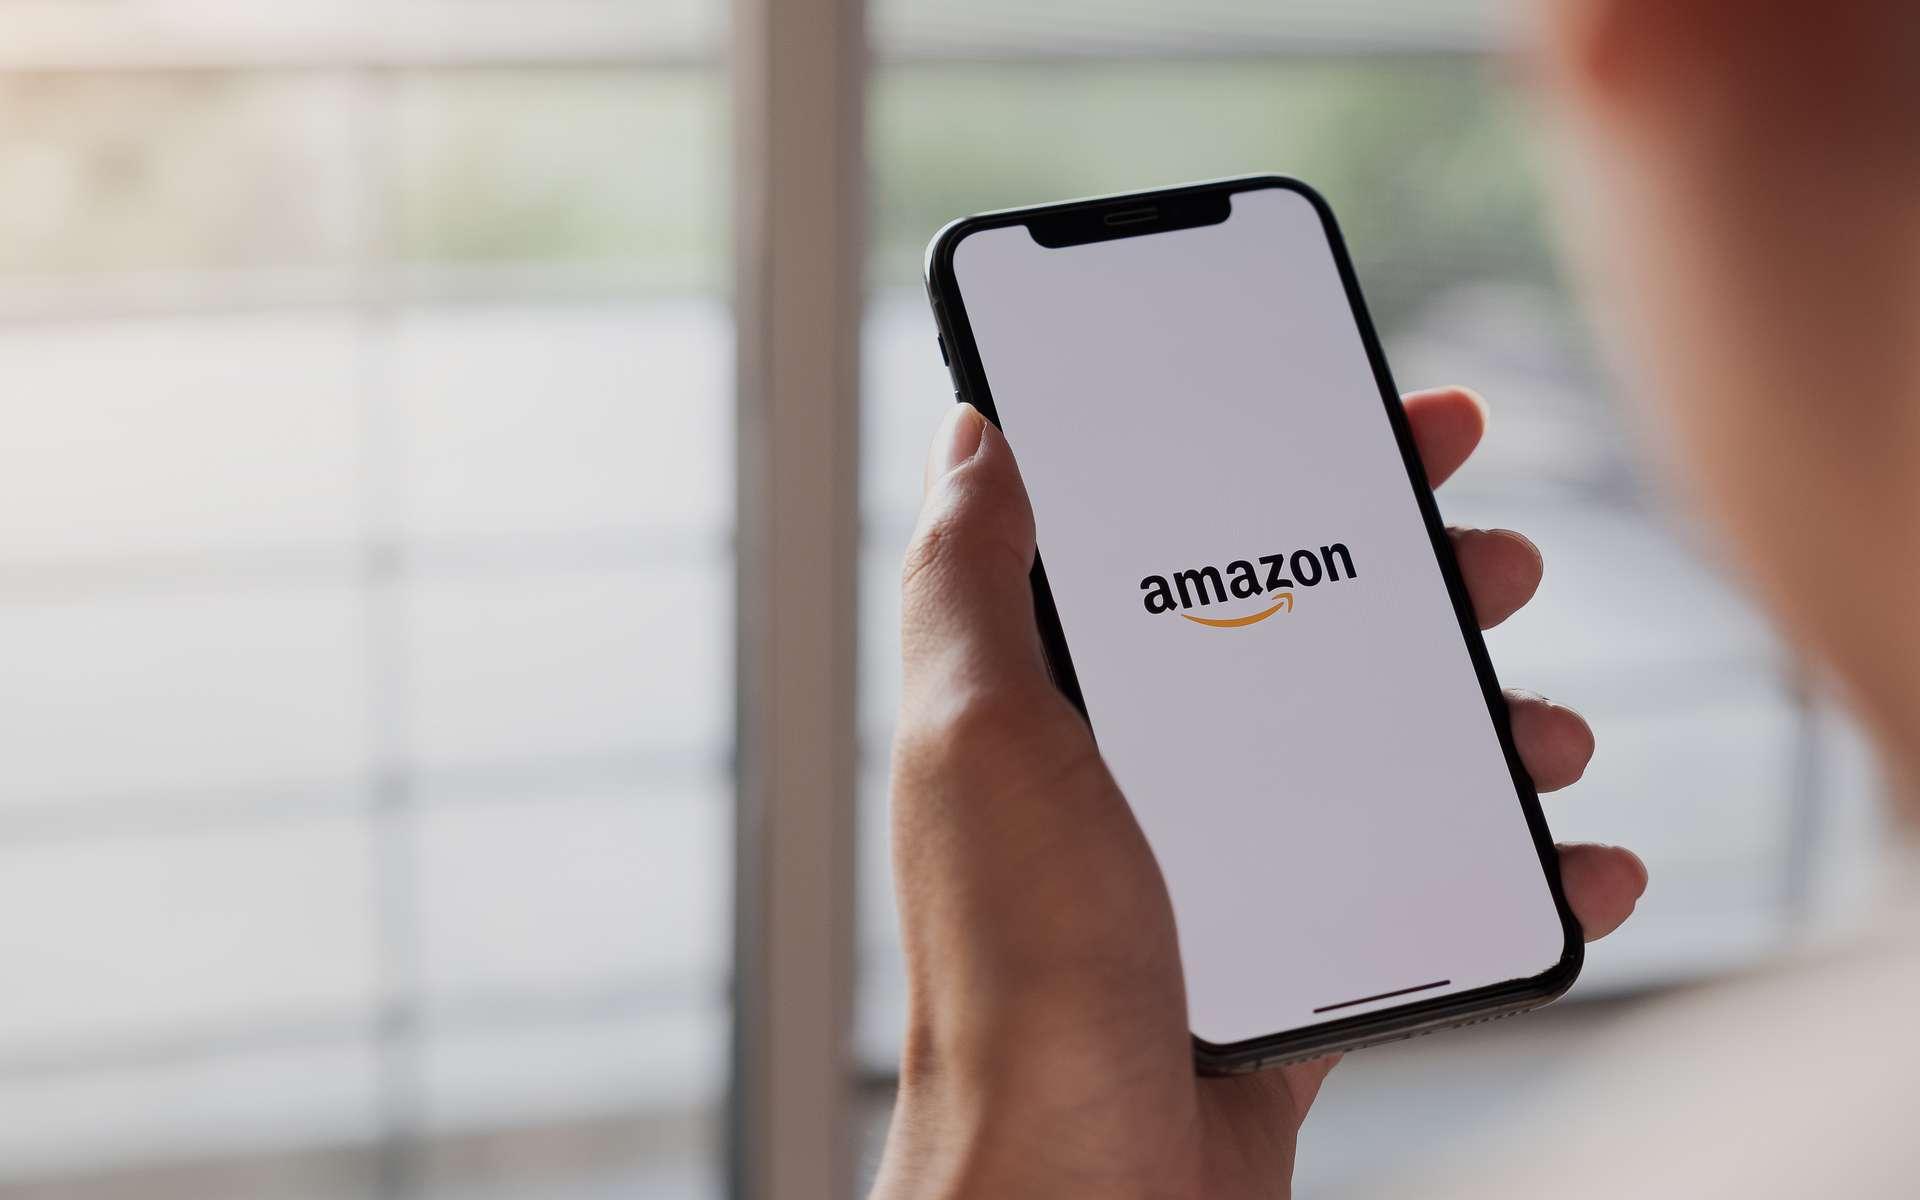 Du 13 au 14 octobre, profitez de nombreuses réductions et bons plans lors de l'évènement Prime Day d'Amazon © wichayada, Adobe Stock